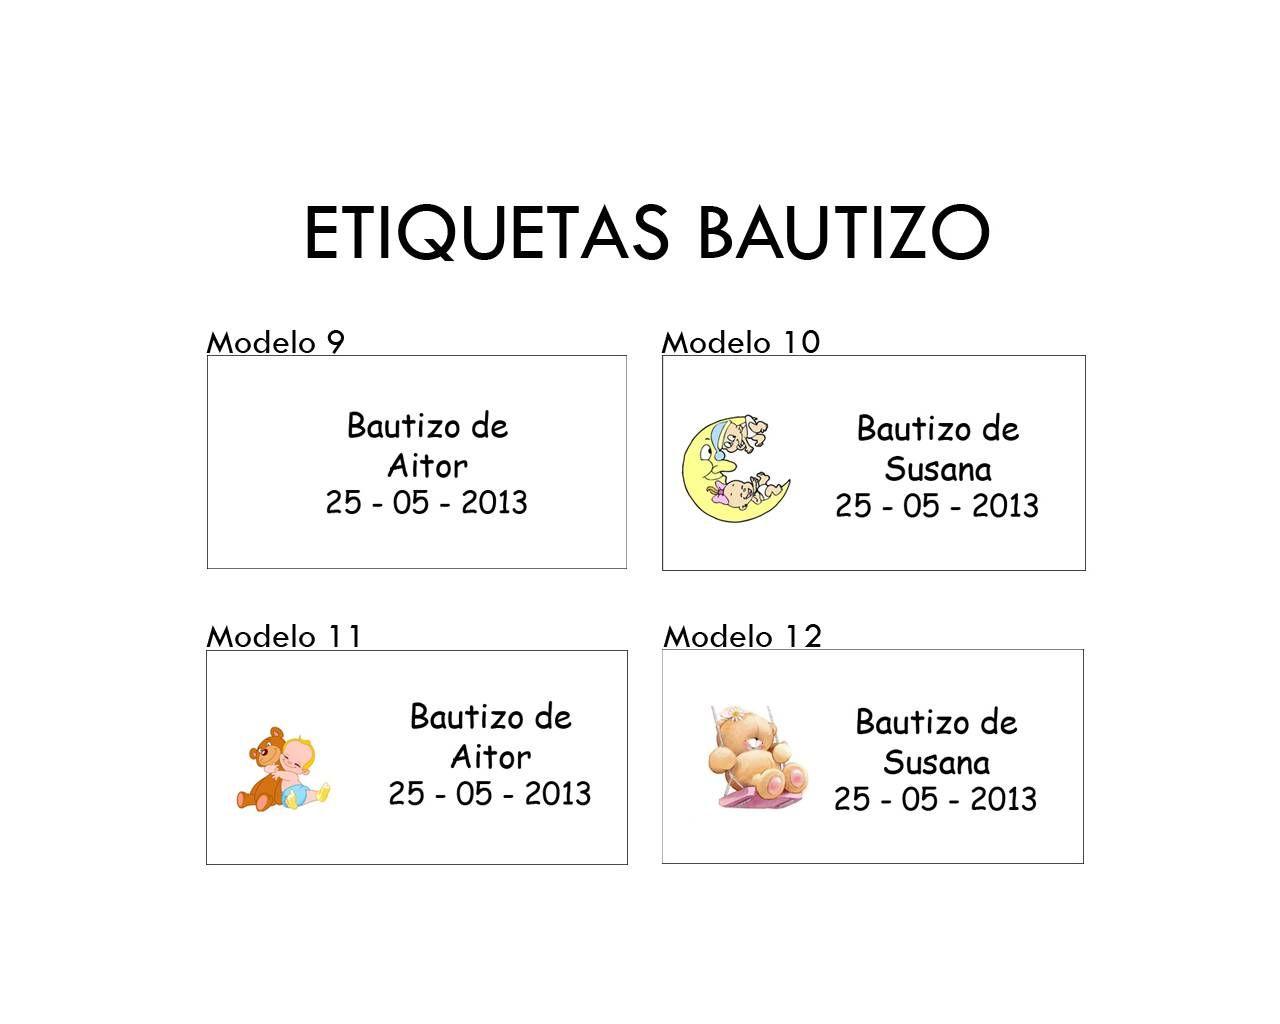 etiquetas para regalos de bautizo para imprimir gratis imagui